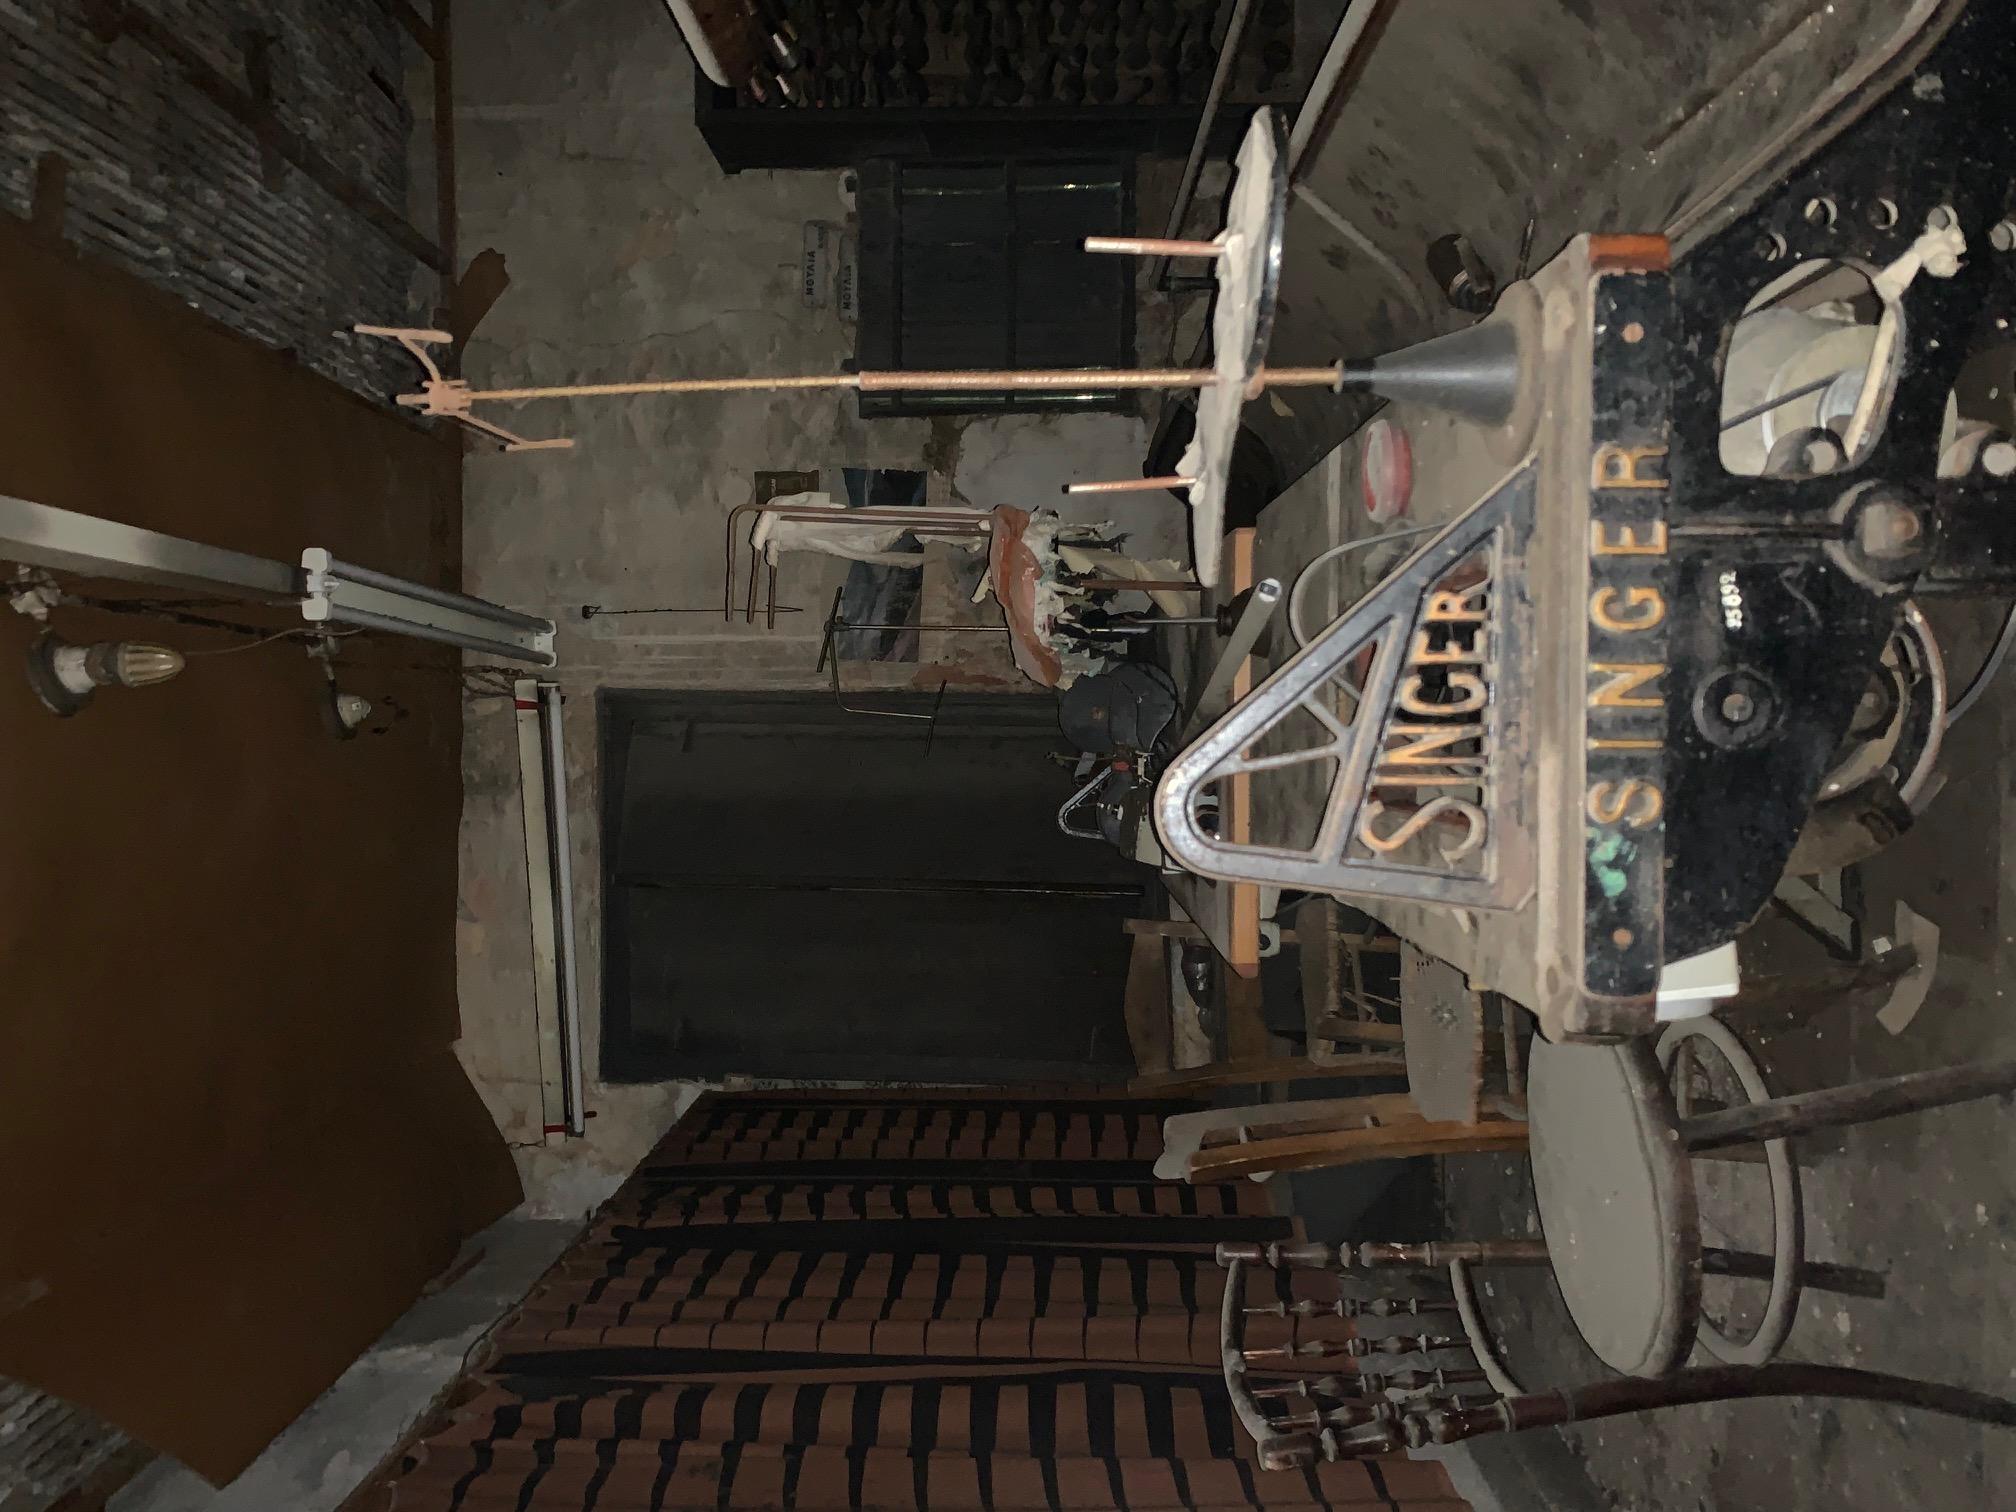 Μενδώνη: Να αναβιώσει η τέχνη του σταμπωτού μαντηλιού -Το τελευταίο Καλεμκερείον στο Μεταξουργείο με τα καλούπια φλαμουριάς [εικόνες] | ΠΟΛΙΤΙΣΜΟΣ | iefimerida.gr